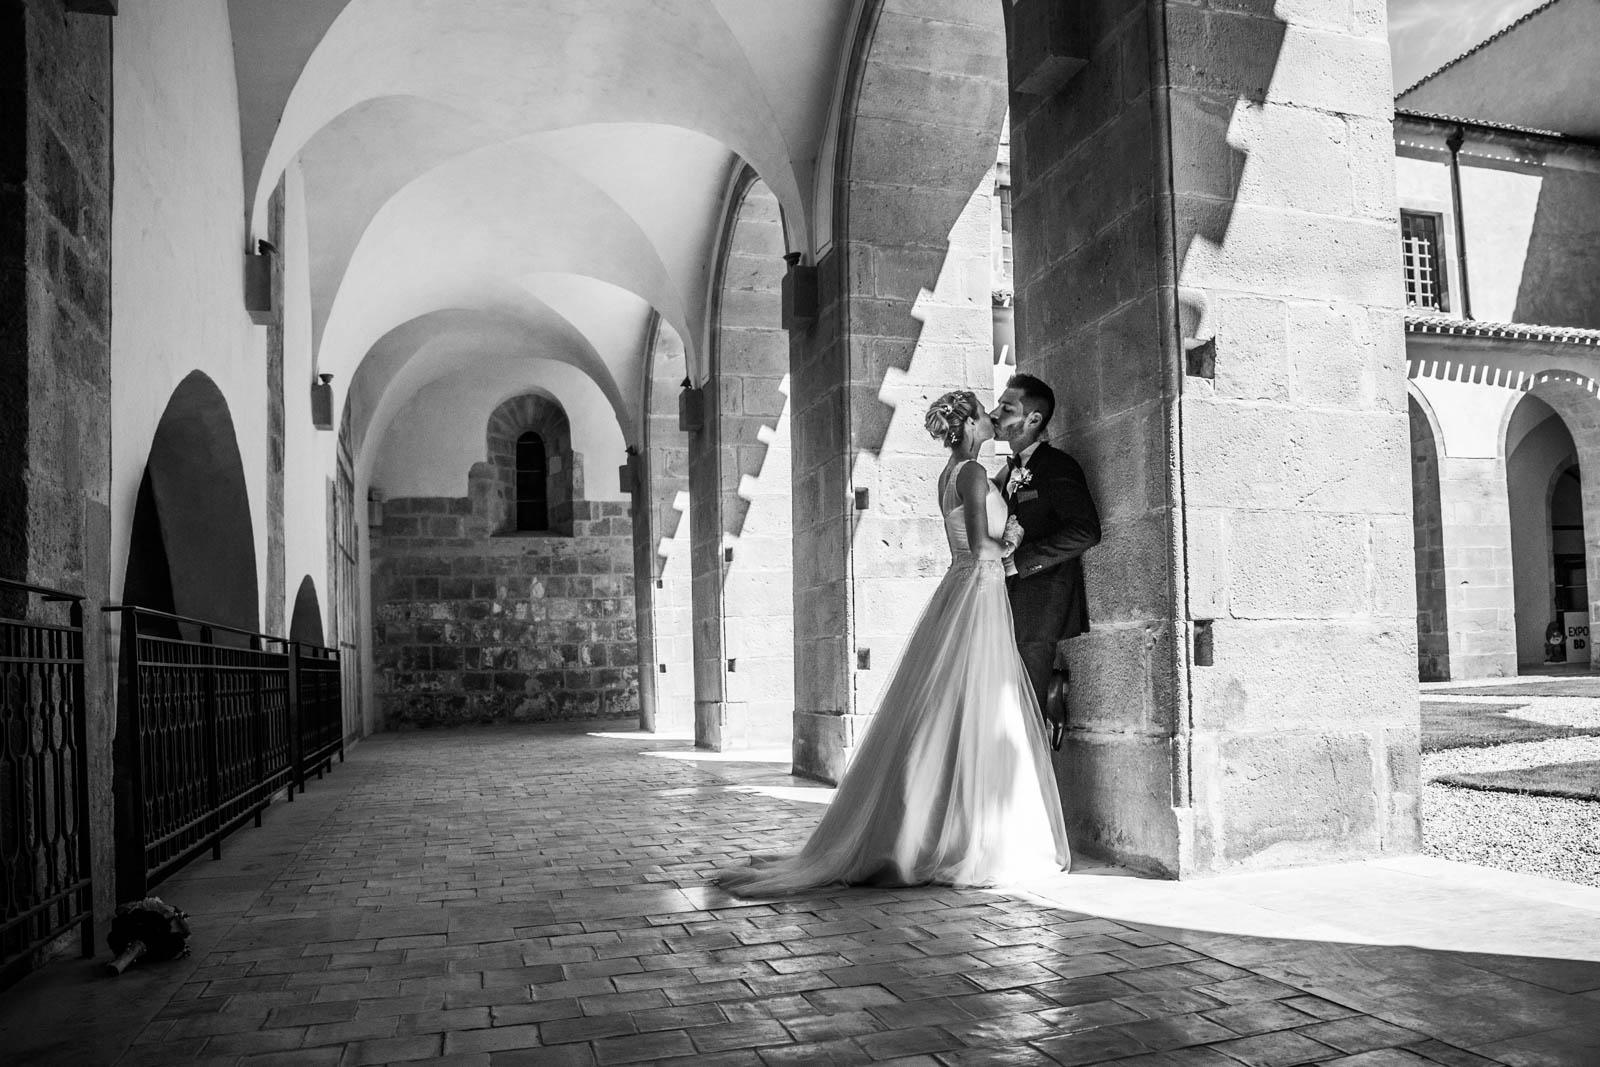 photographe-couple-mariage-carcassonne-20